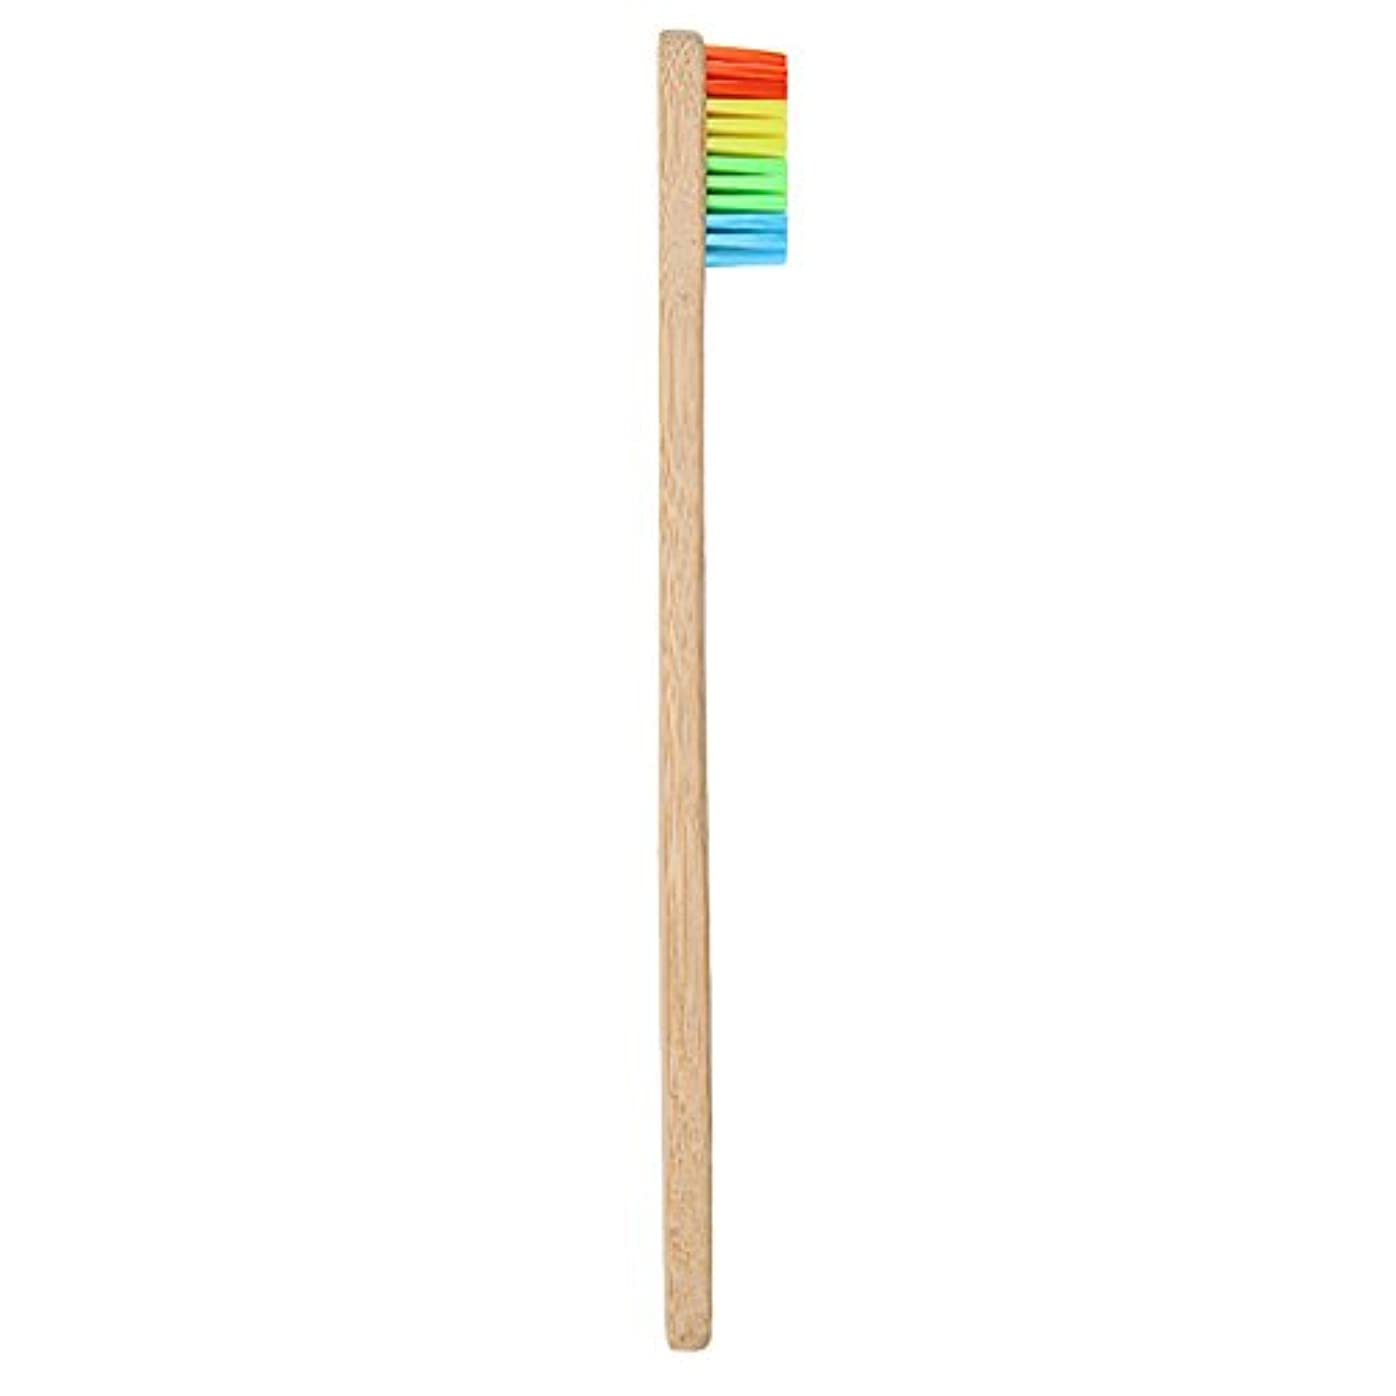 教えトリッキー常にGoshang 歯ブラシ 超極細毛 ソフト 虹色 バンブー製 環境保護